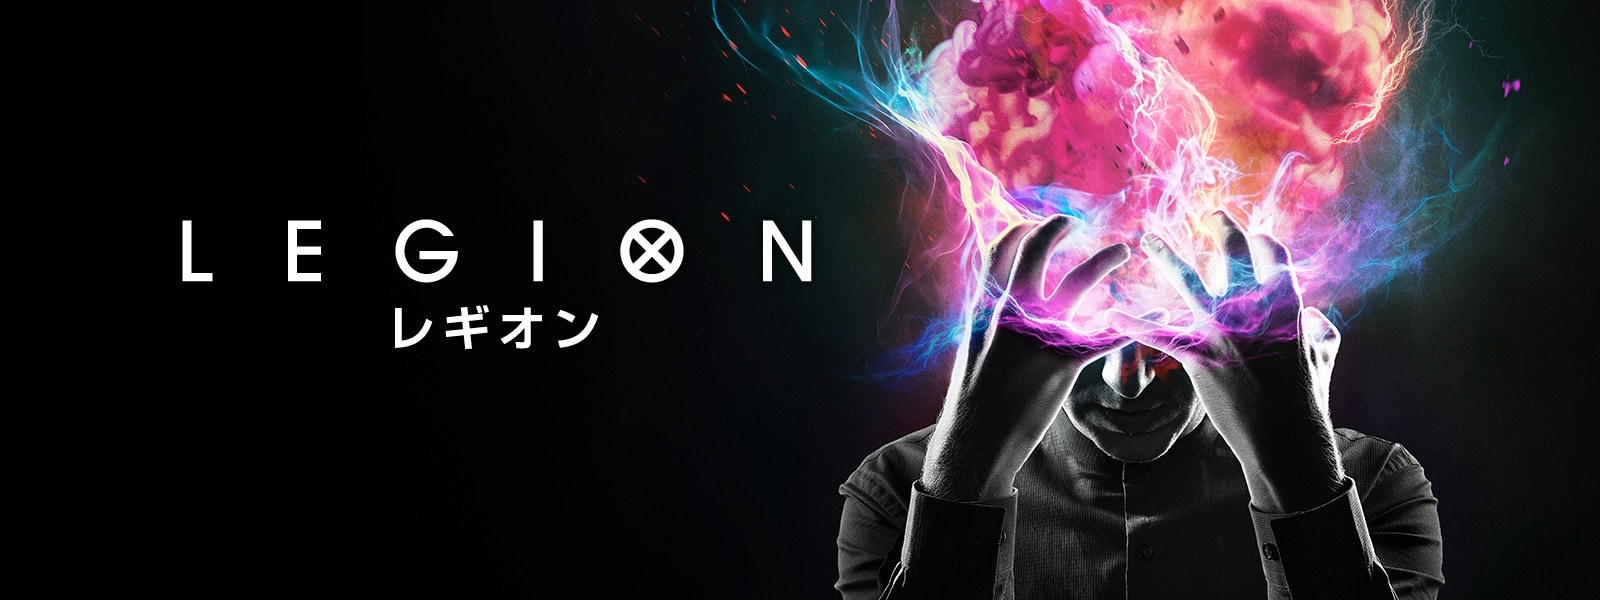 レギオン|LEGION Hero Object